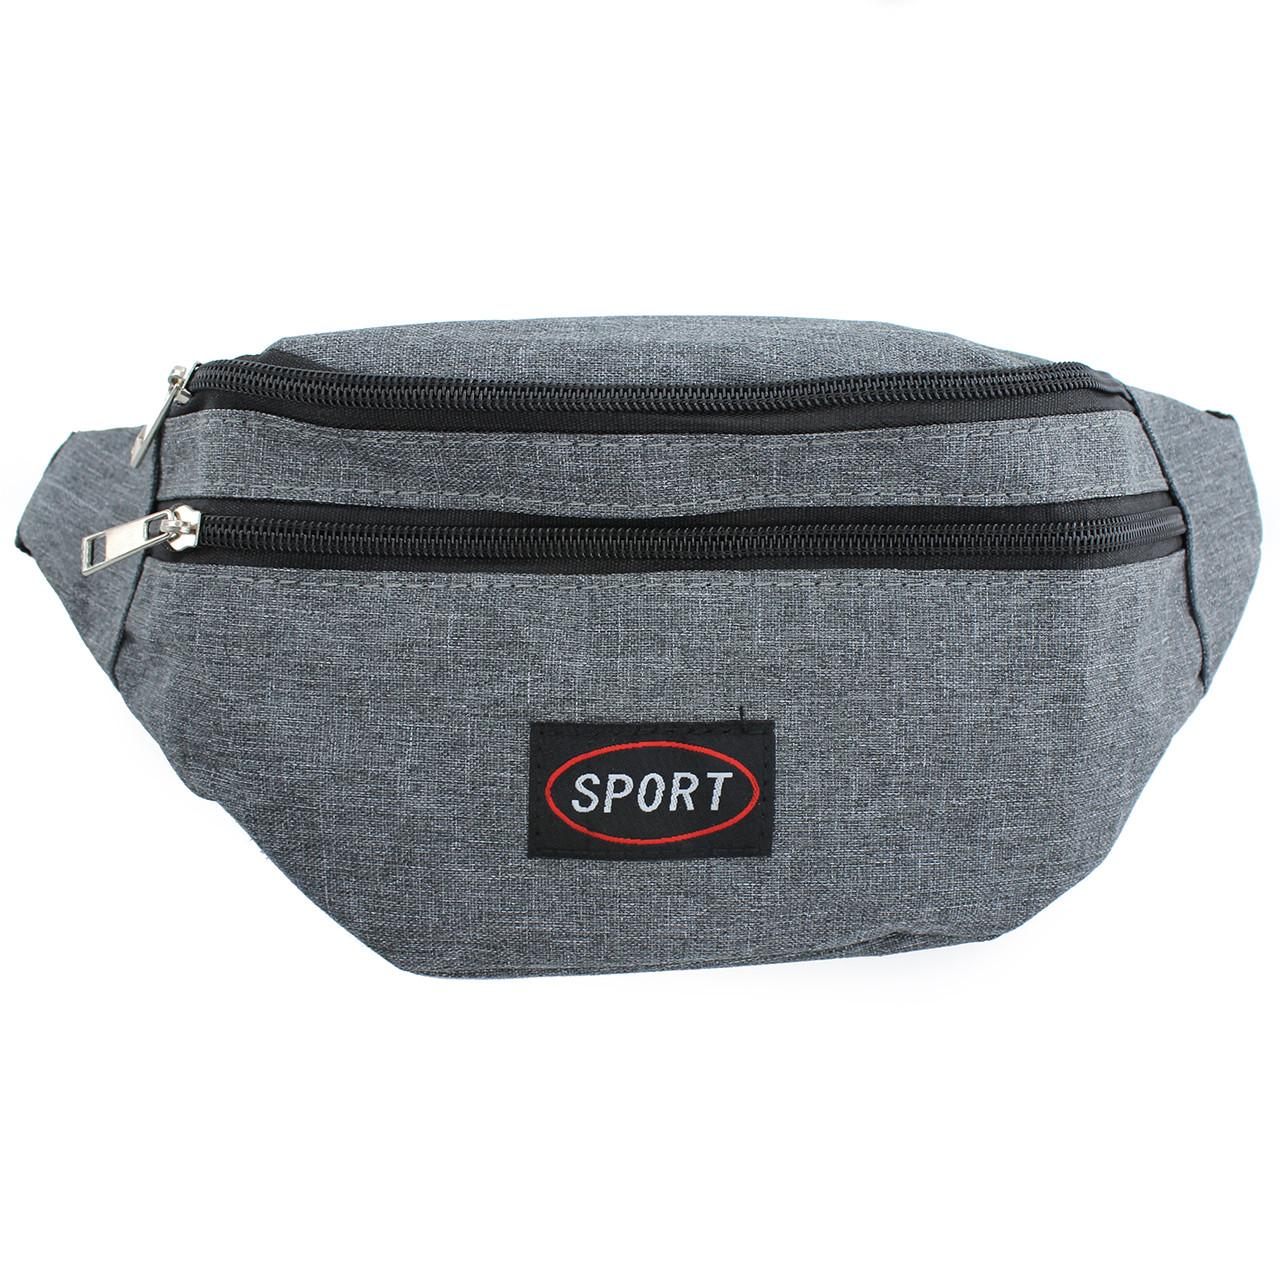 Поясна сумка бананка Спорт однотонна текстиль Сірий